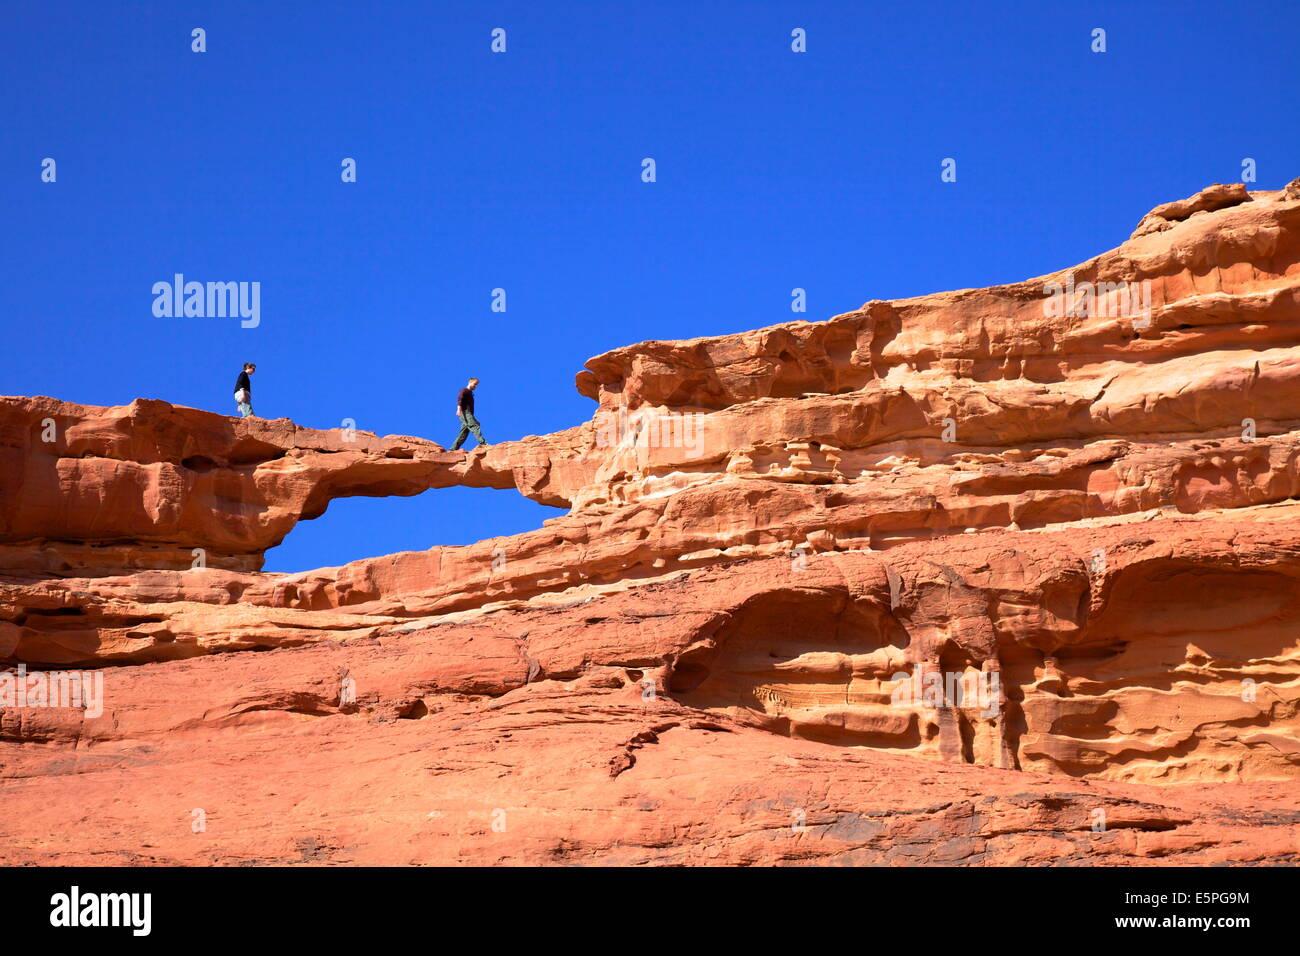 Tourists climbing at Wadi Rum, Jordan, Middle East - Stock Image